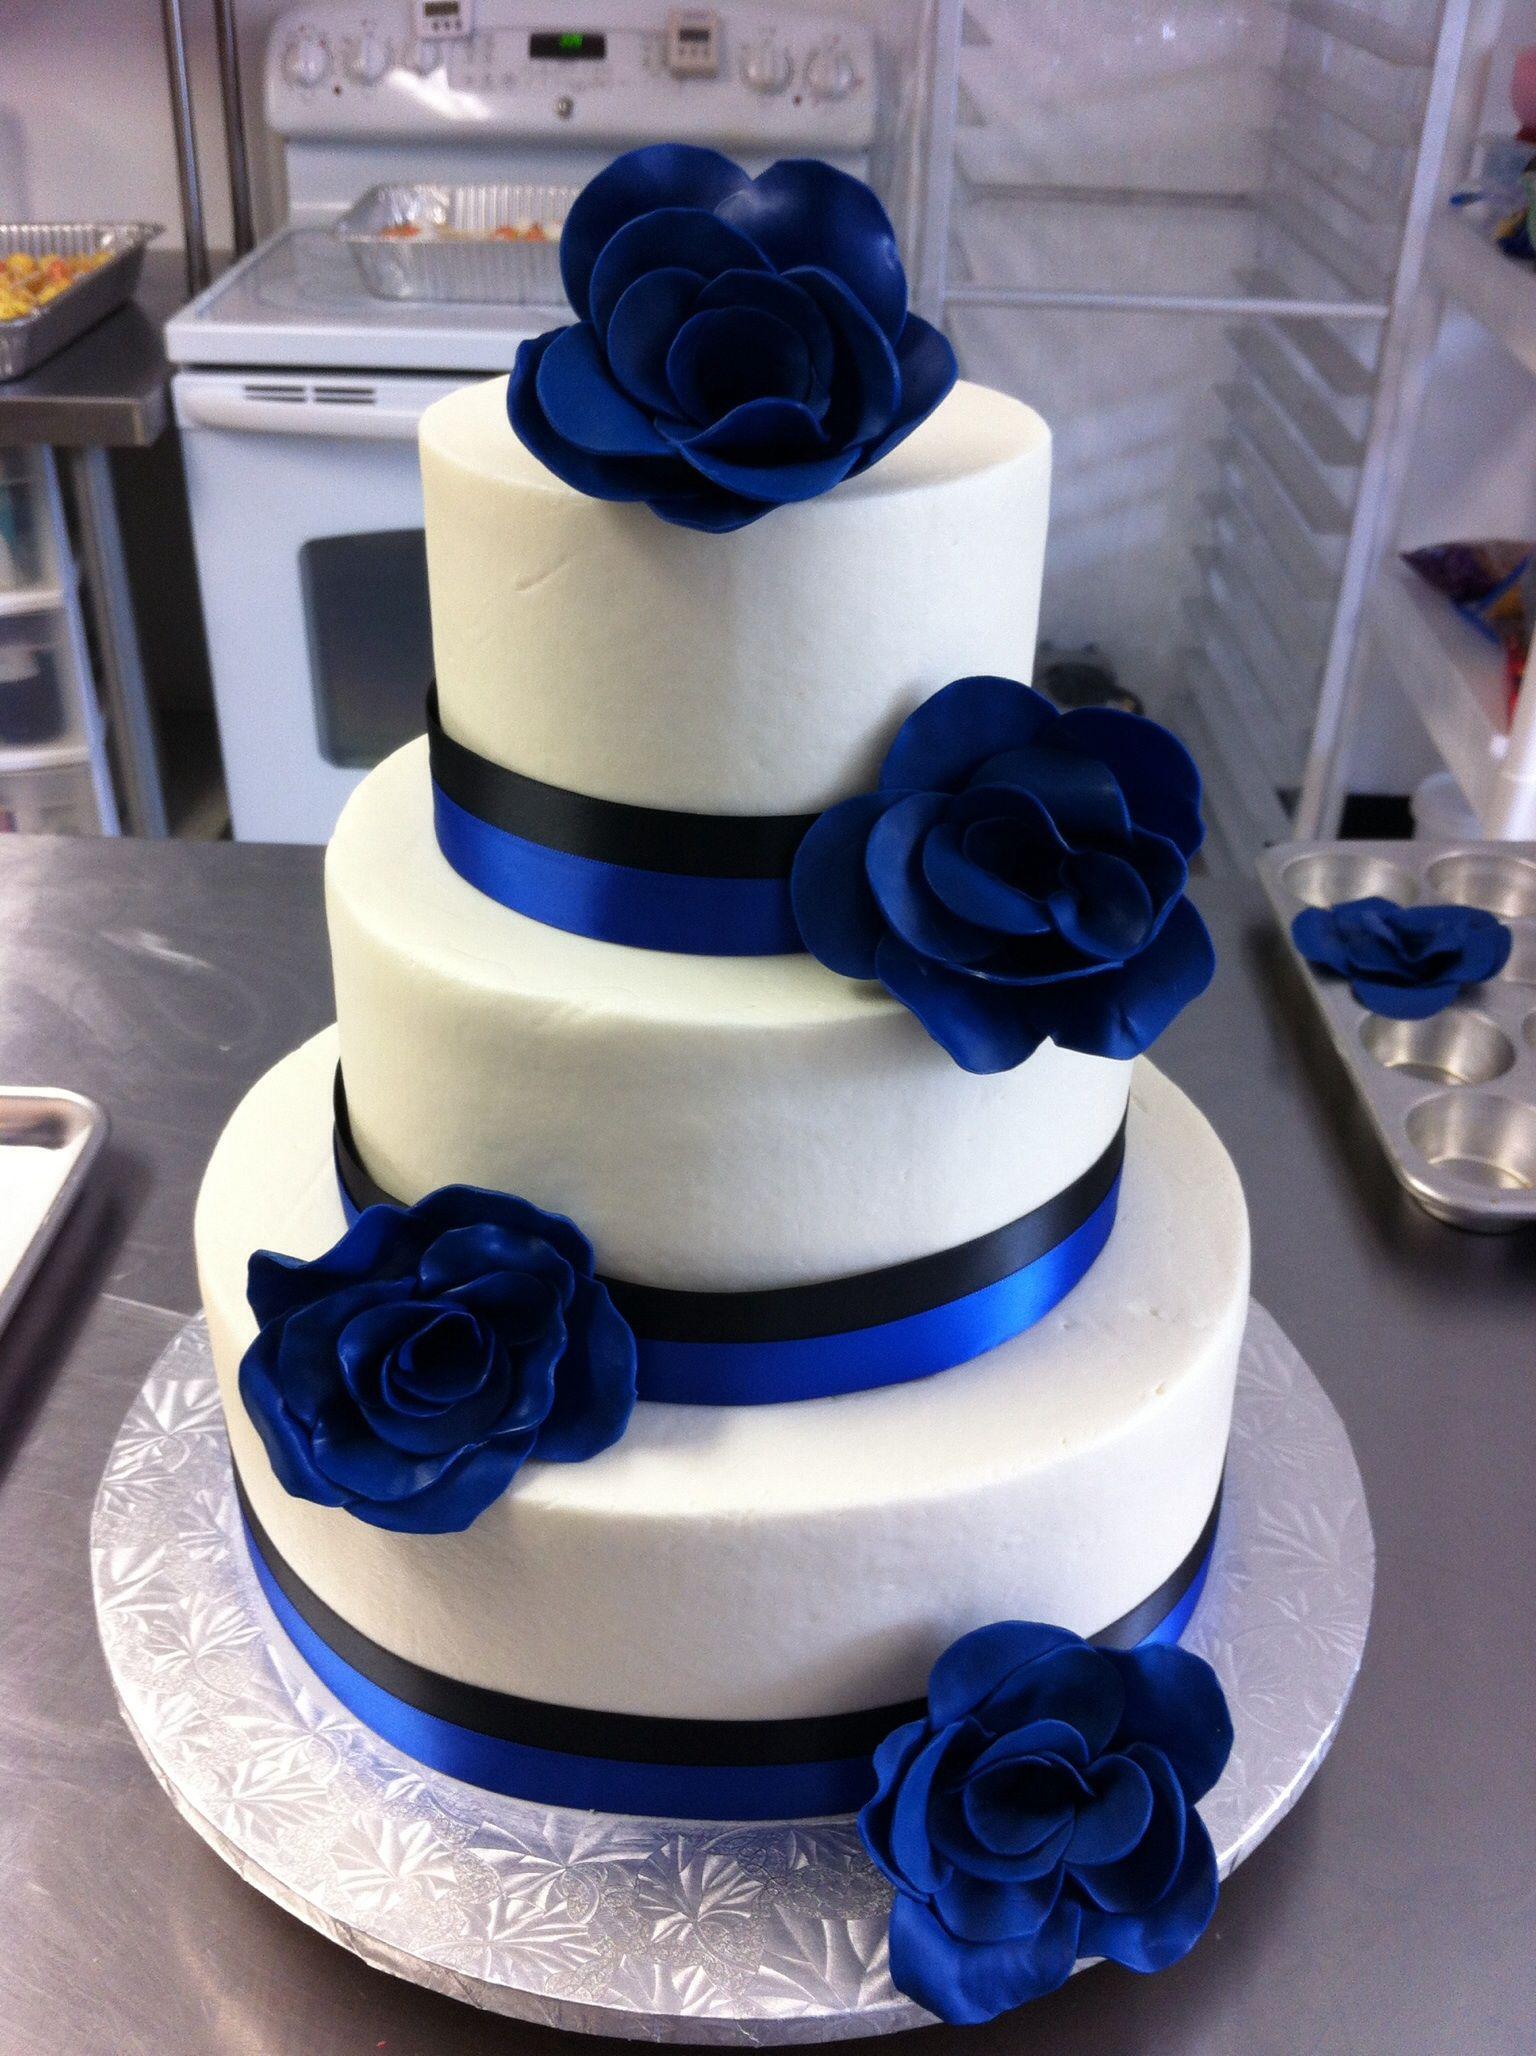 Wedding decorations with royal blue  Résultats de recherche duimages pour  remplacement des maries sur